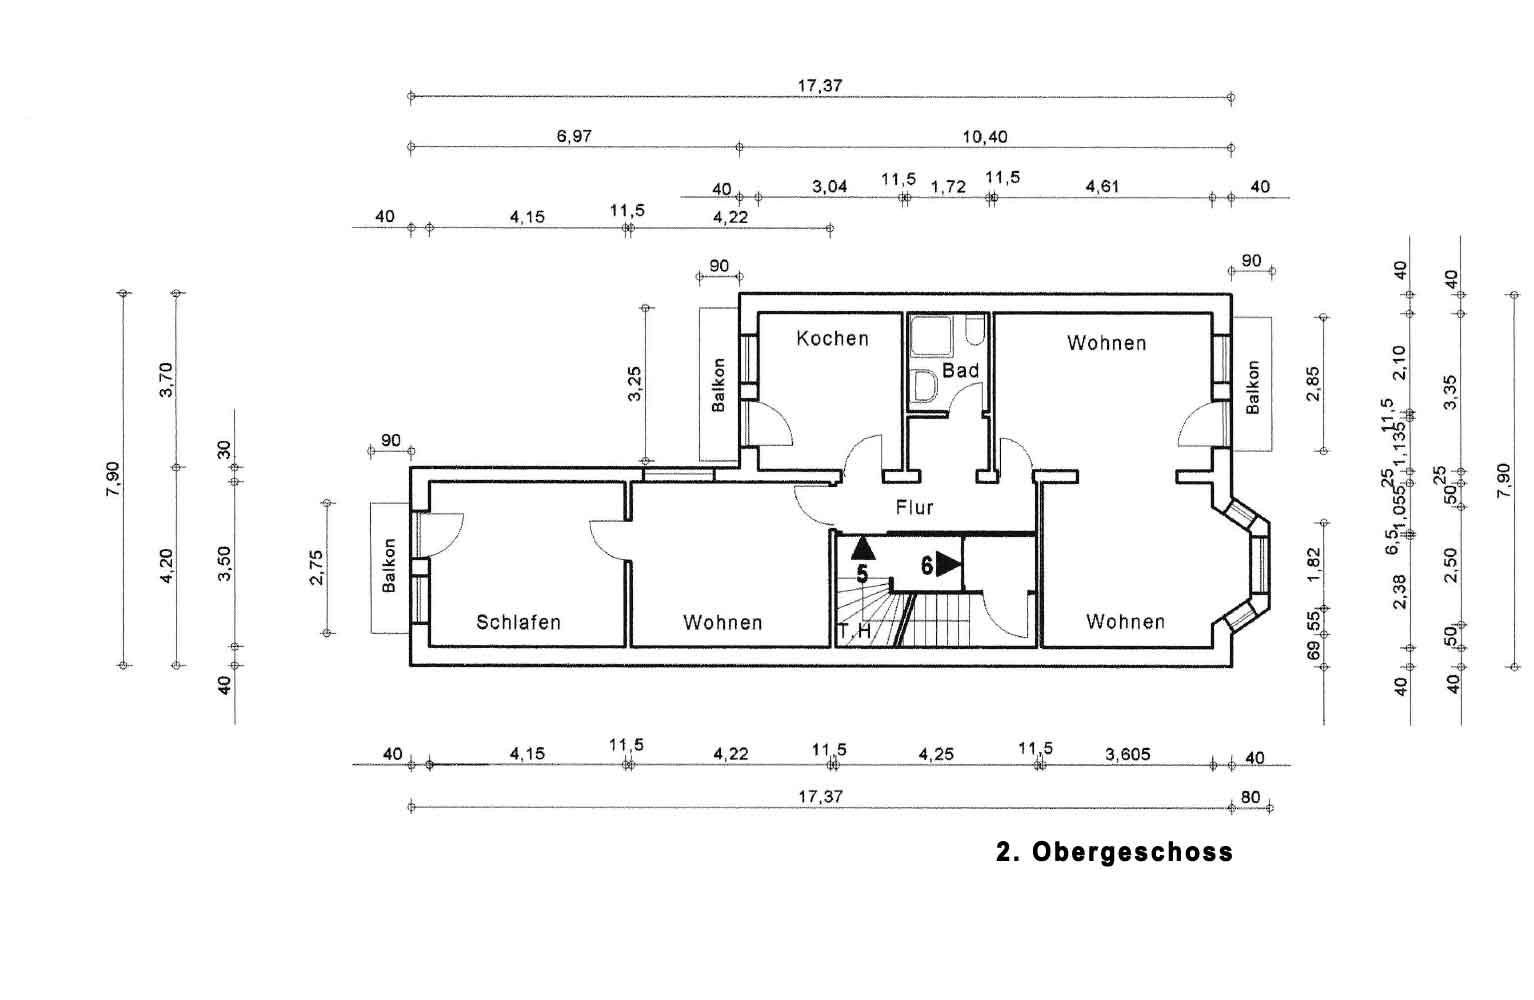 Parkallee 19, Bremen, Abbildung 2. Obergeschoss